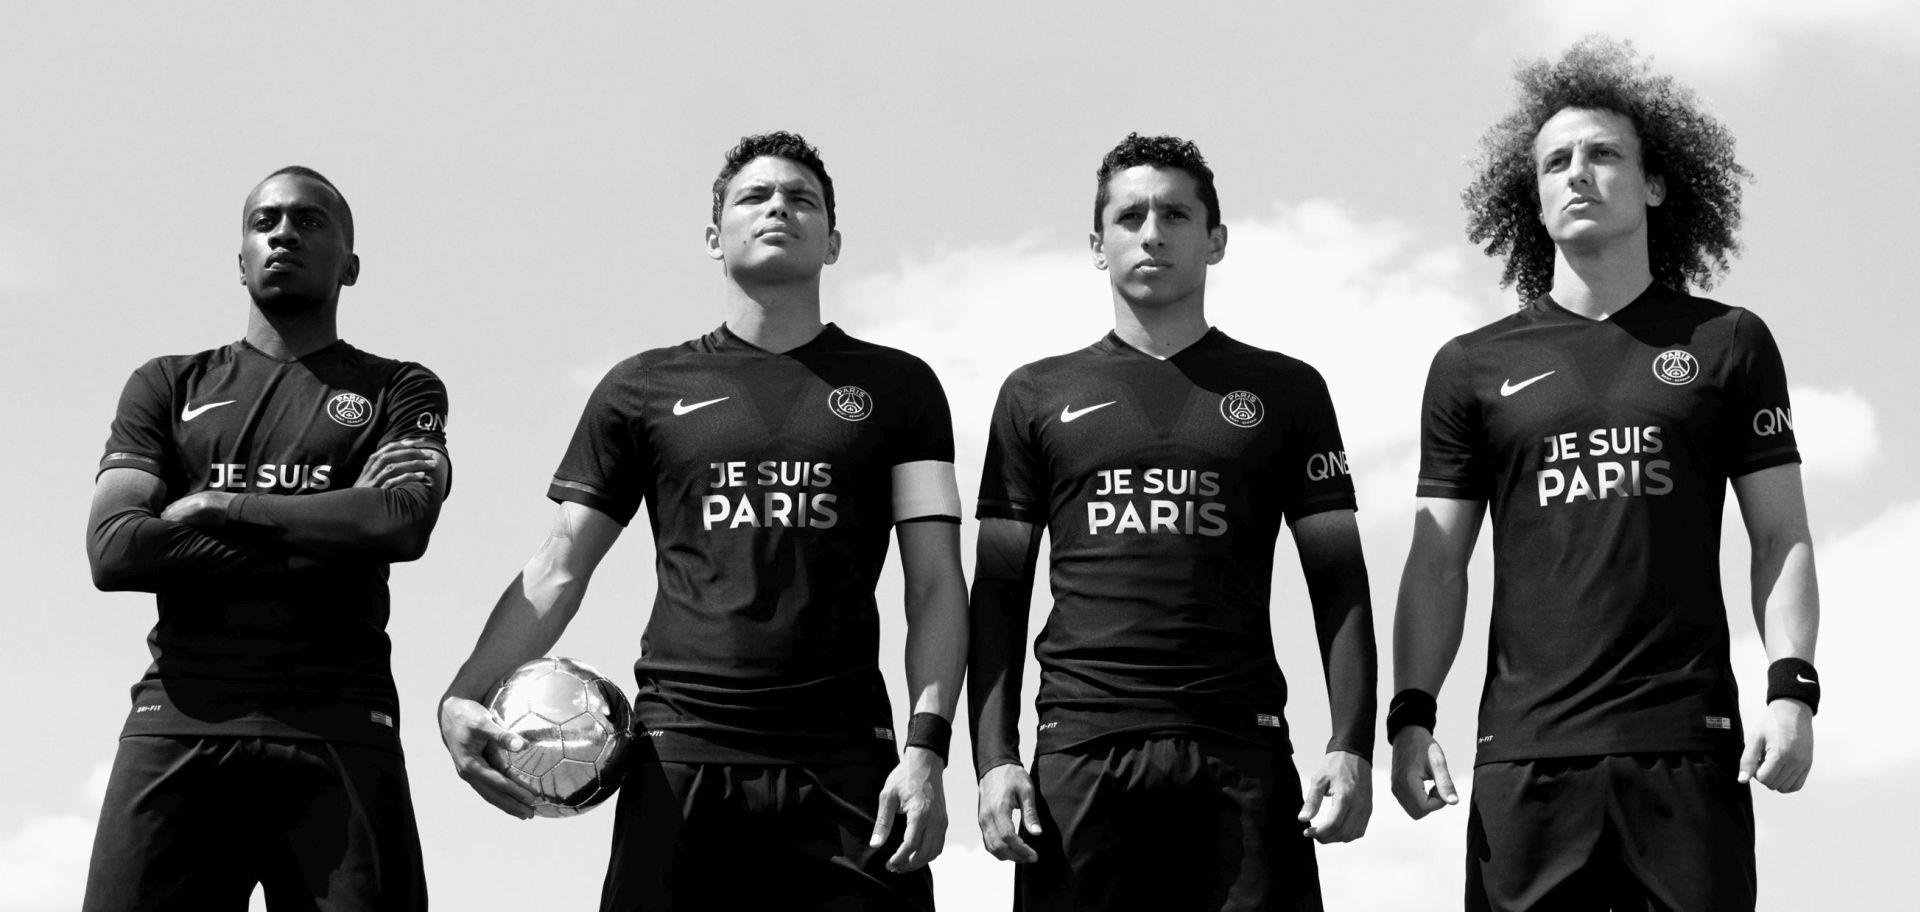 'JE SUIS PARIS' PSG predstavio dresove kojima odaje počast poginulima u terorističkom napadu